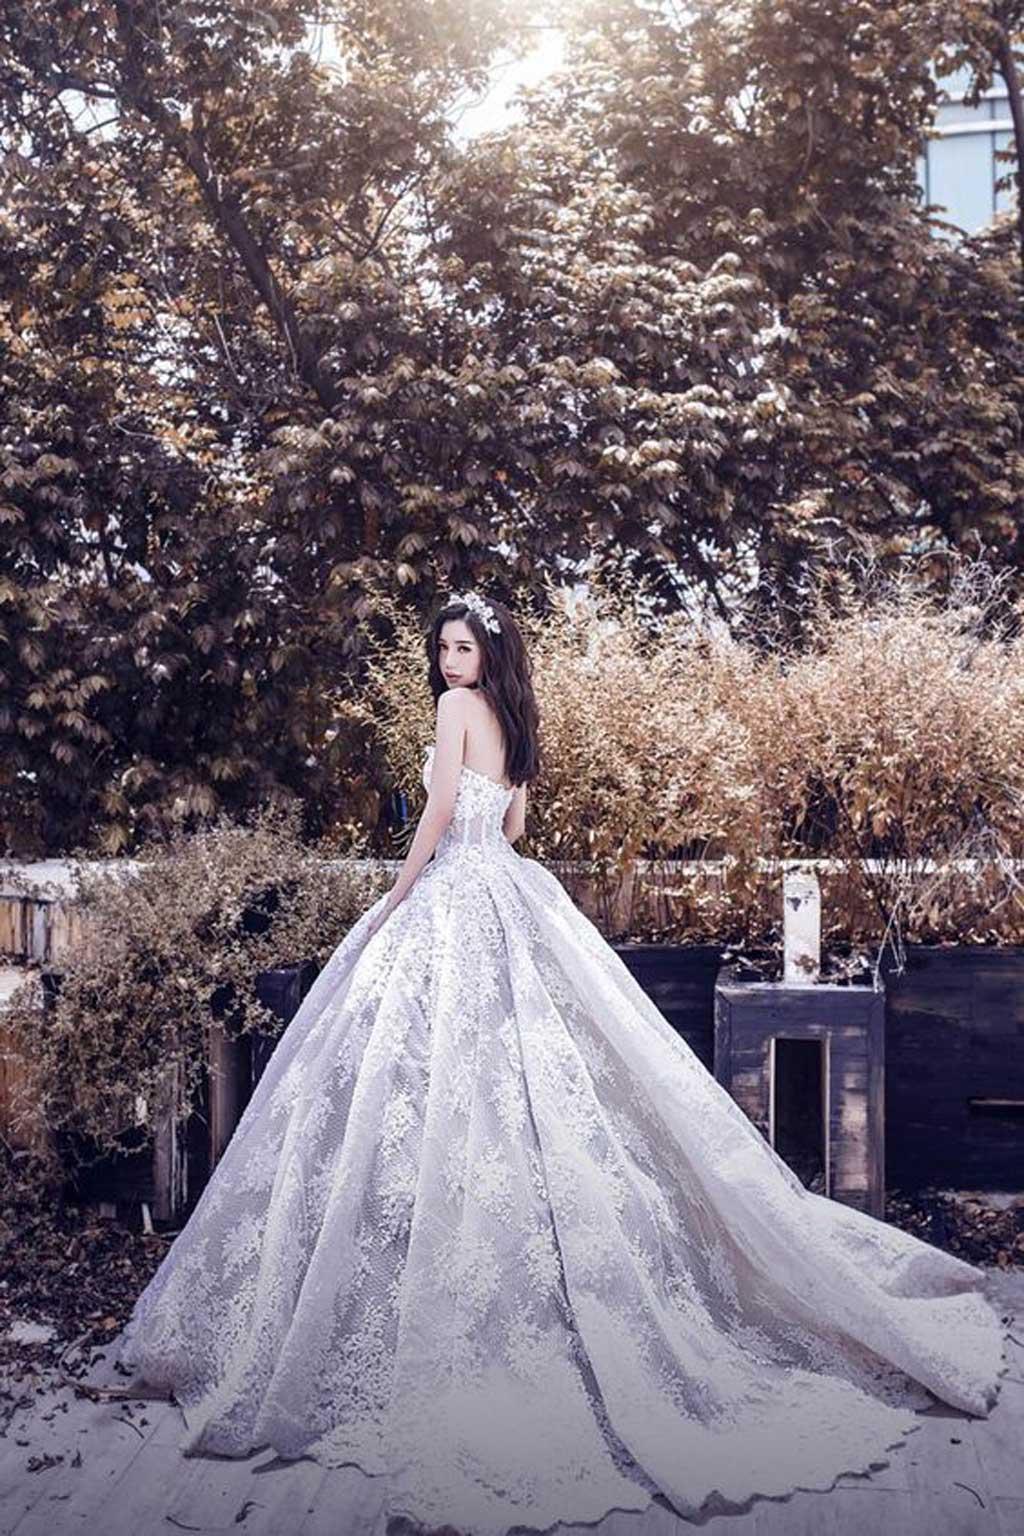 Kiểu áo cưới đẹp phong cách công chúa sang trọng